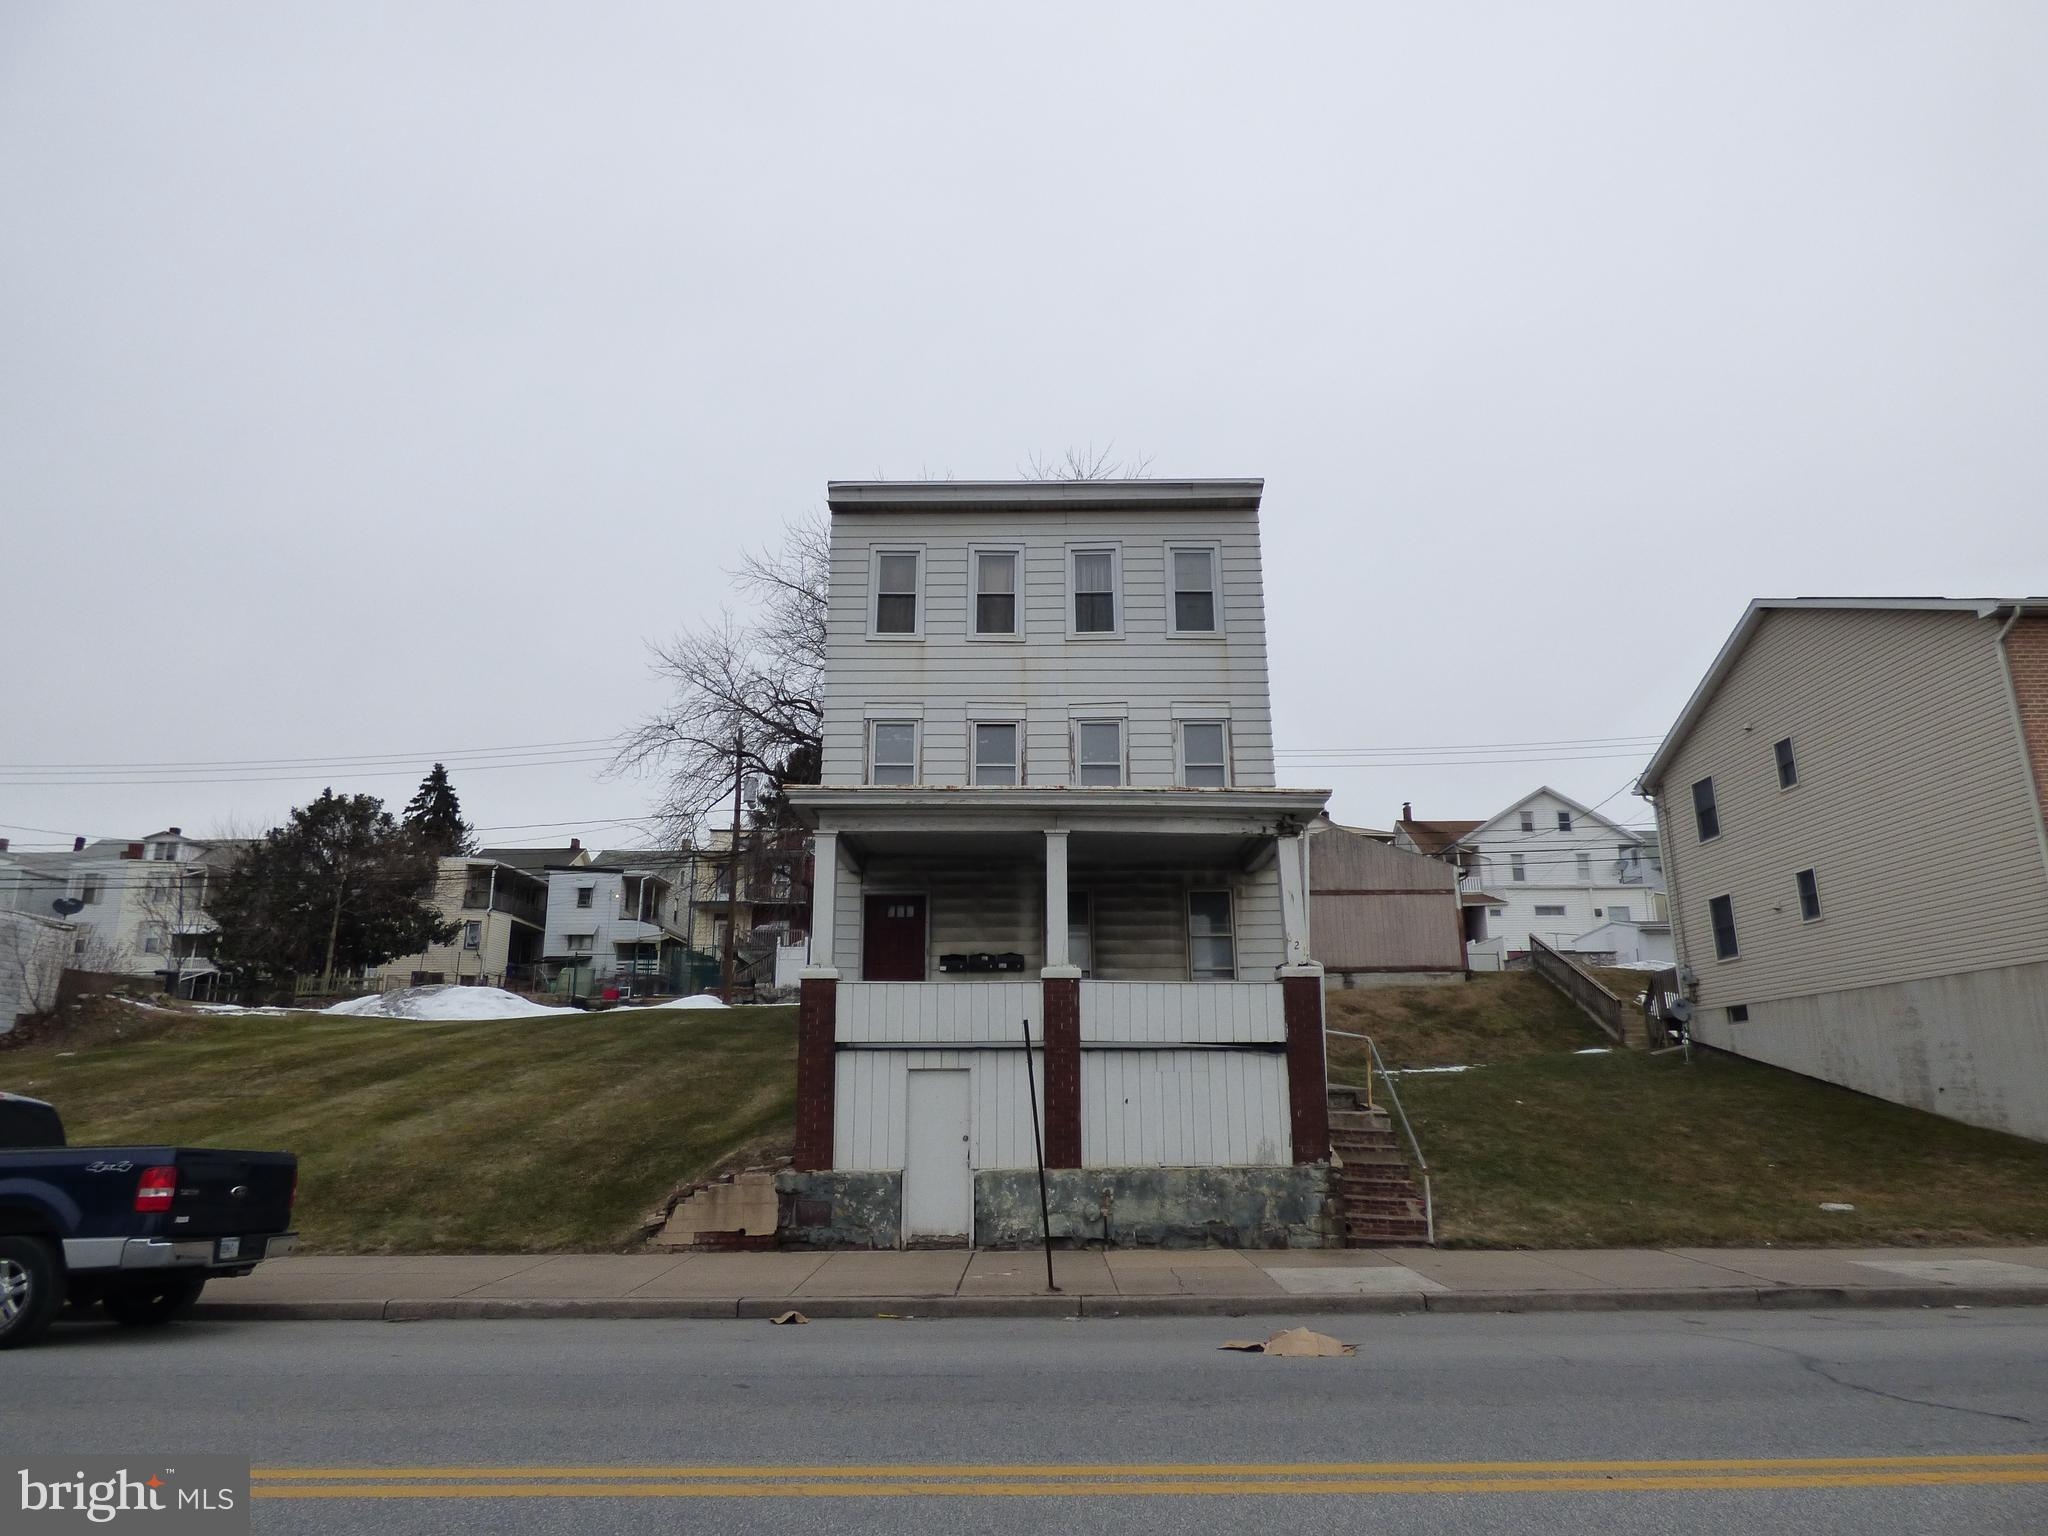 621 N FRONT STREET, STEELTON, PA 17113